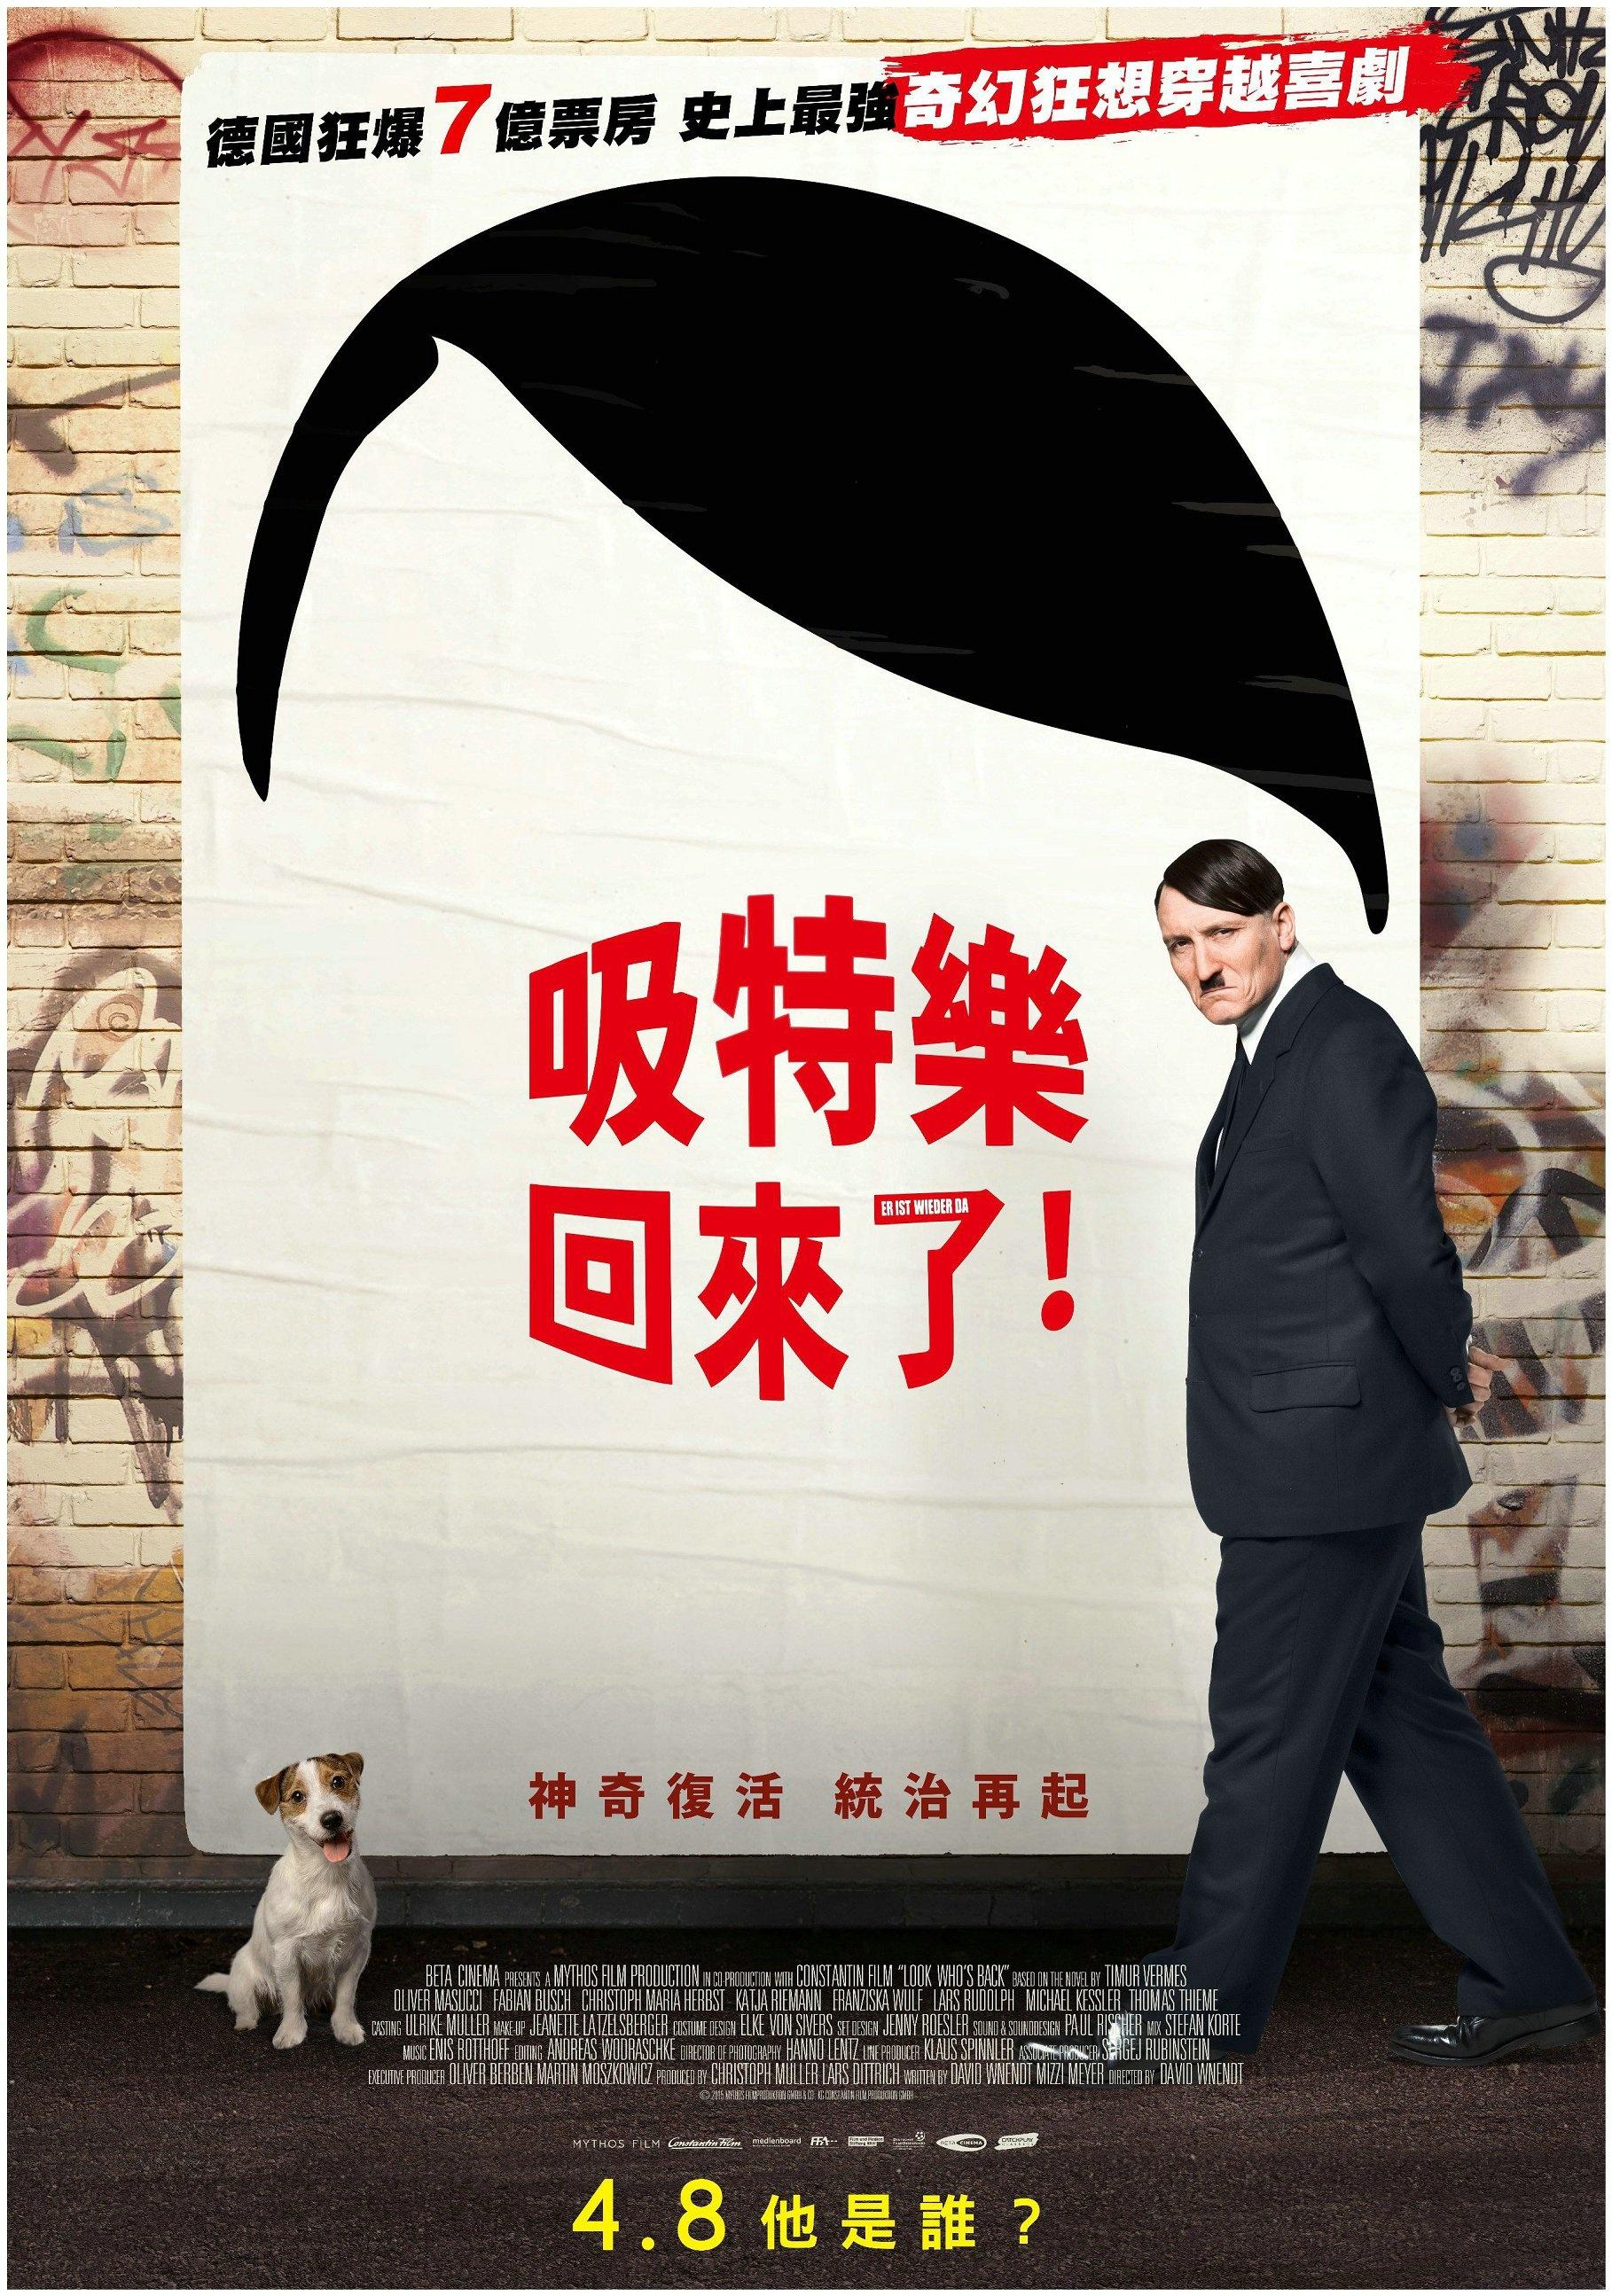 曲豆_希特勒回来了_电影海报_图集_电影网_1905.com